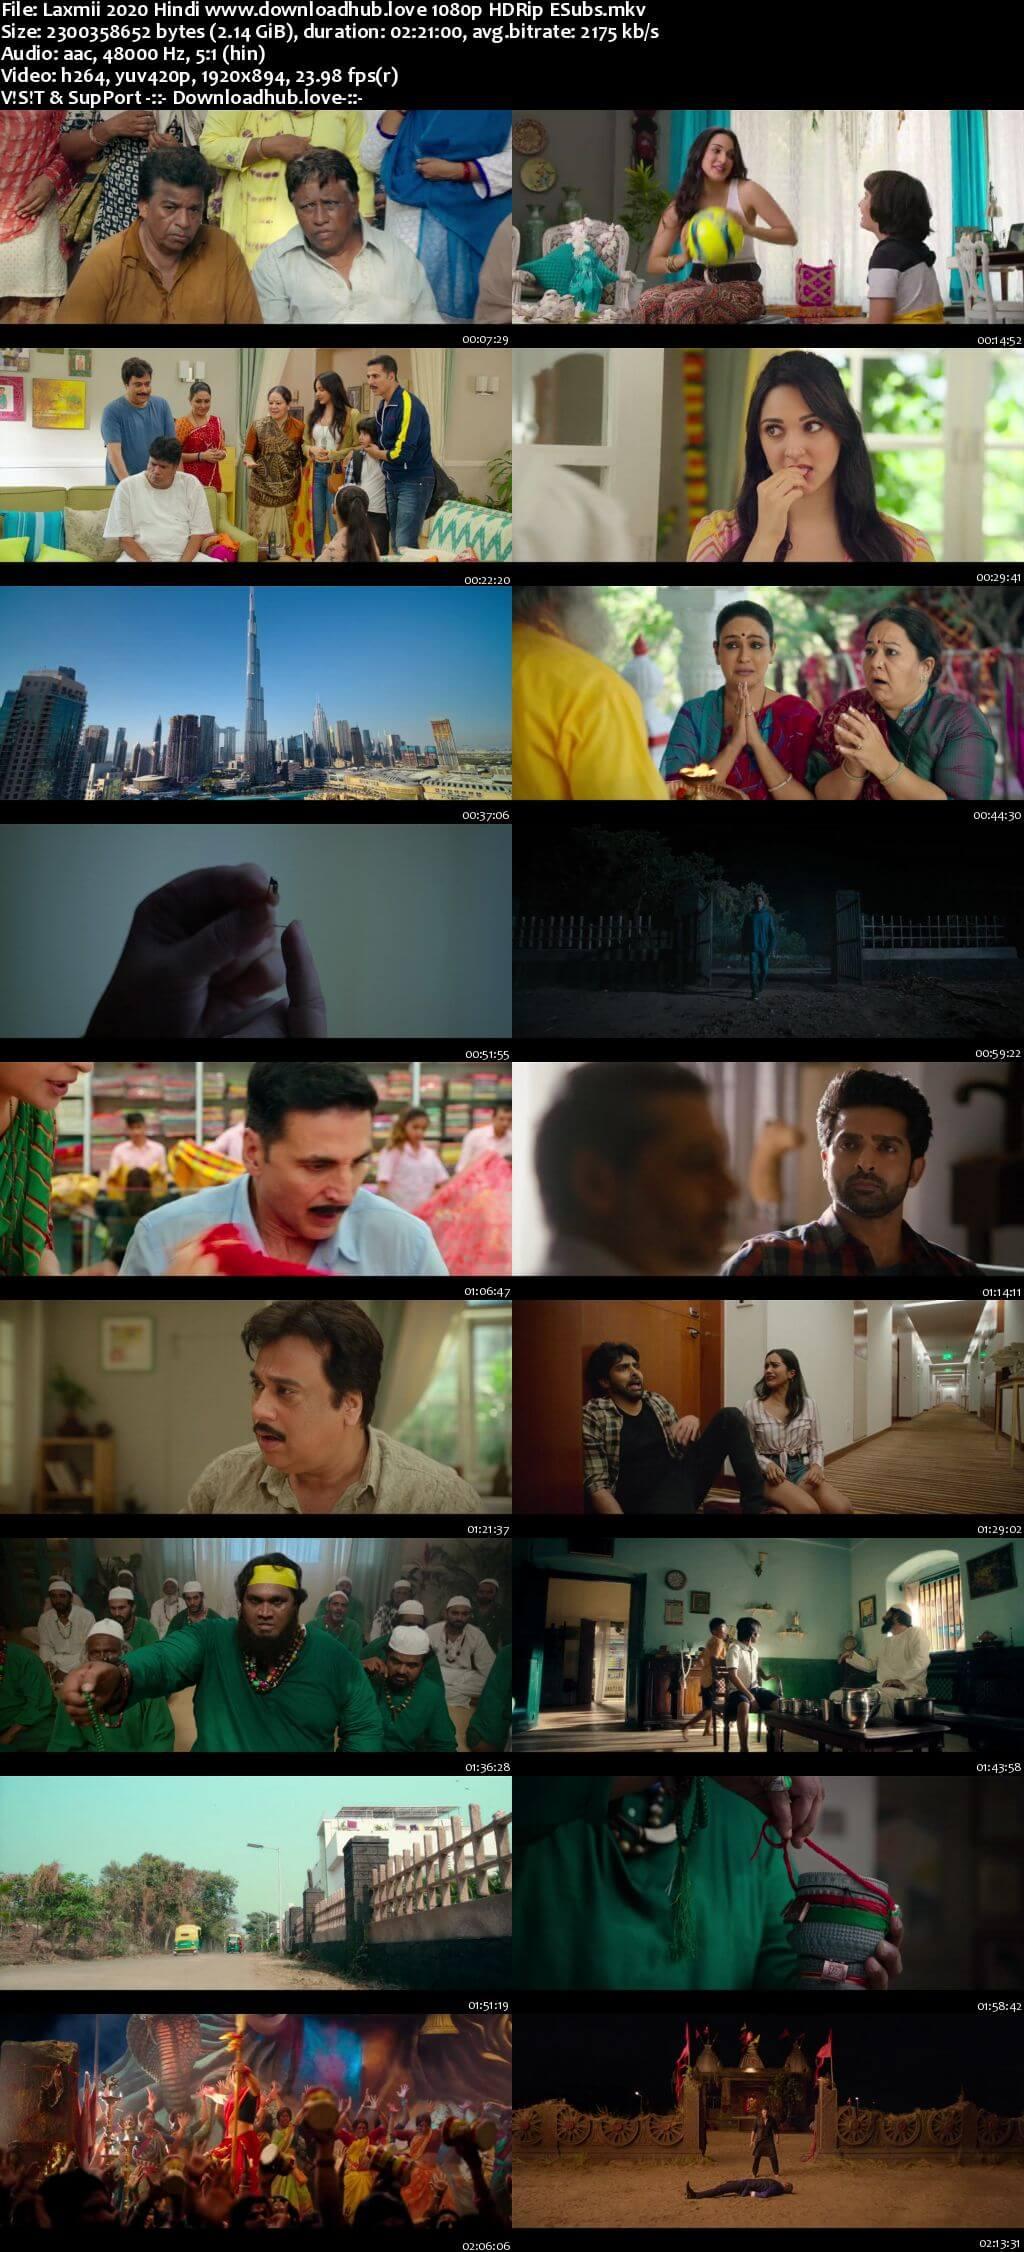 Laxmii 2020 Hindi 1080p HDRip ESubs